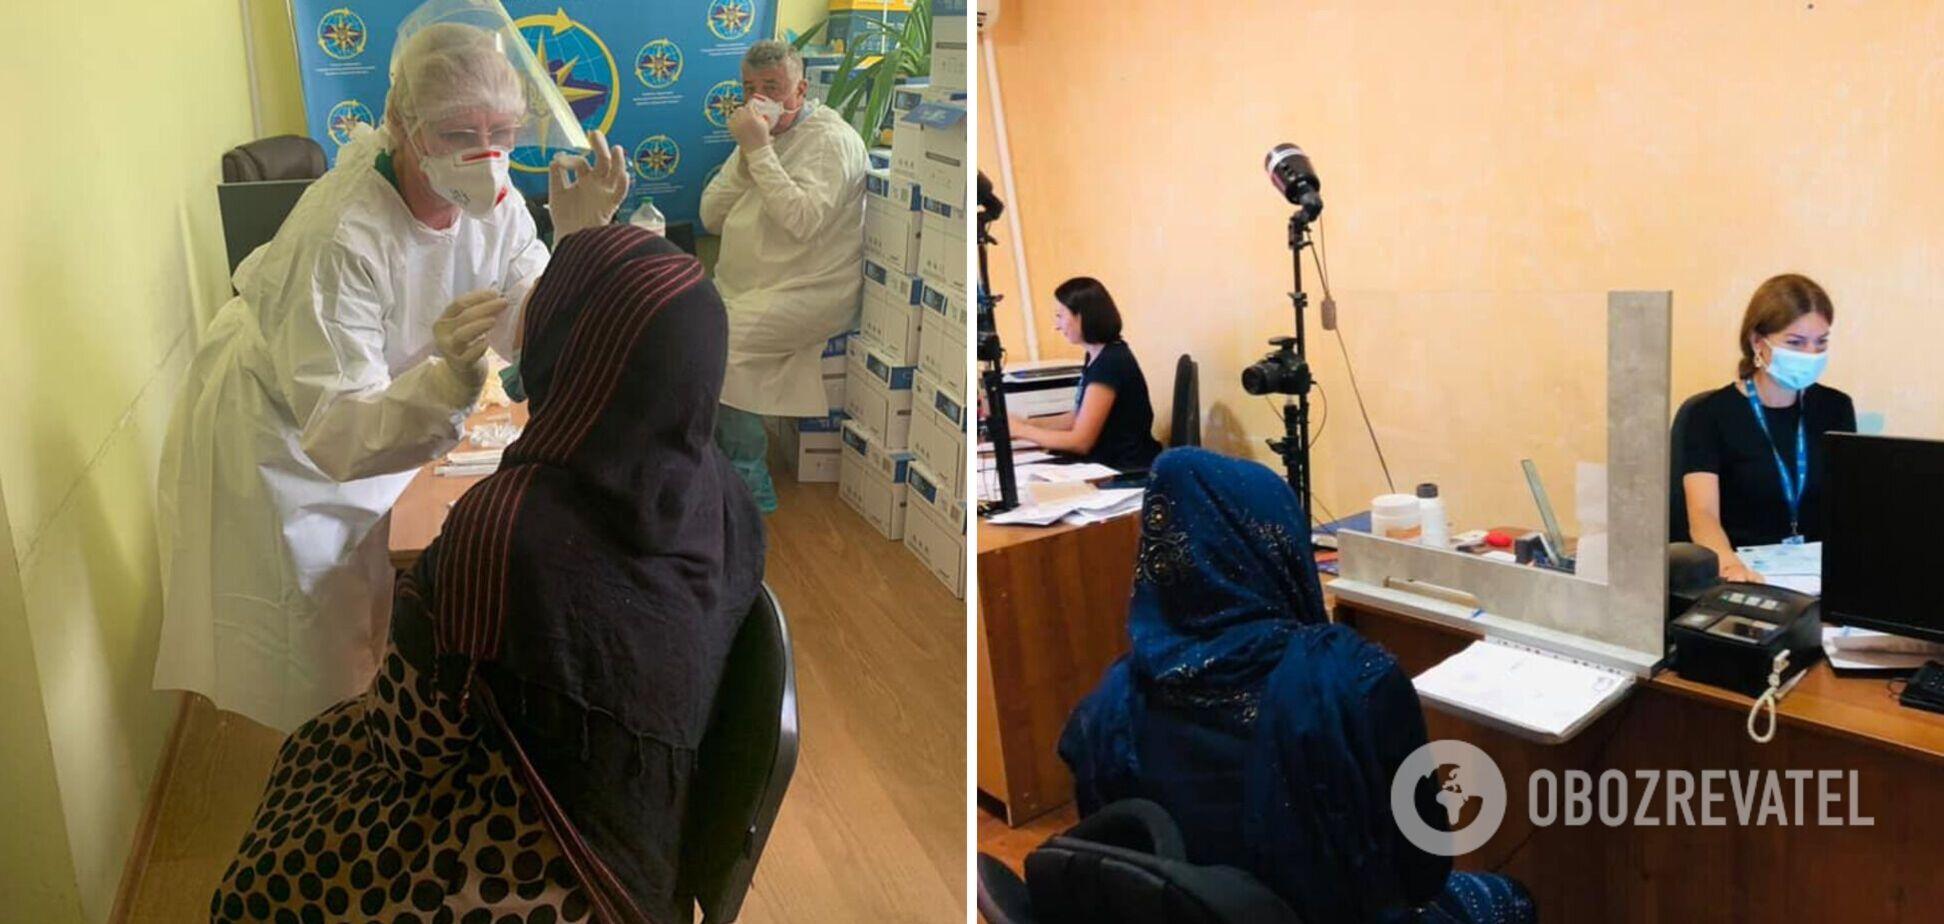 В Одессу прибыли беженцы из Афганистана, некоторых сразу забрали в больницу. Фото и видео